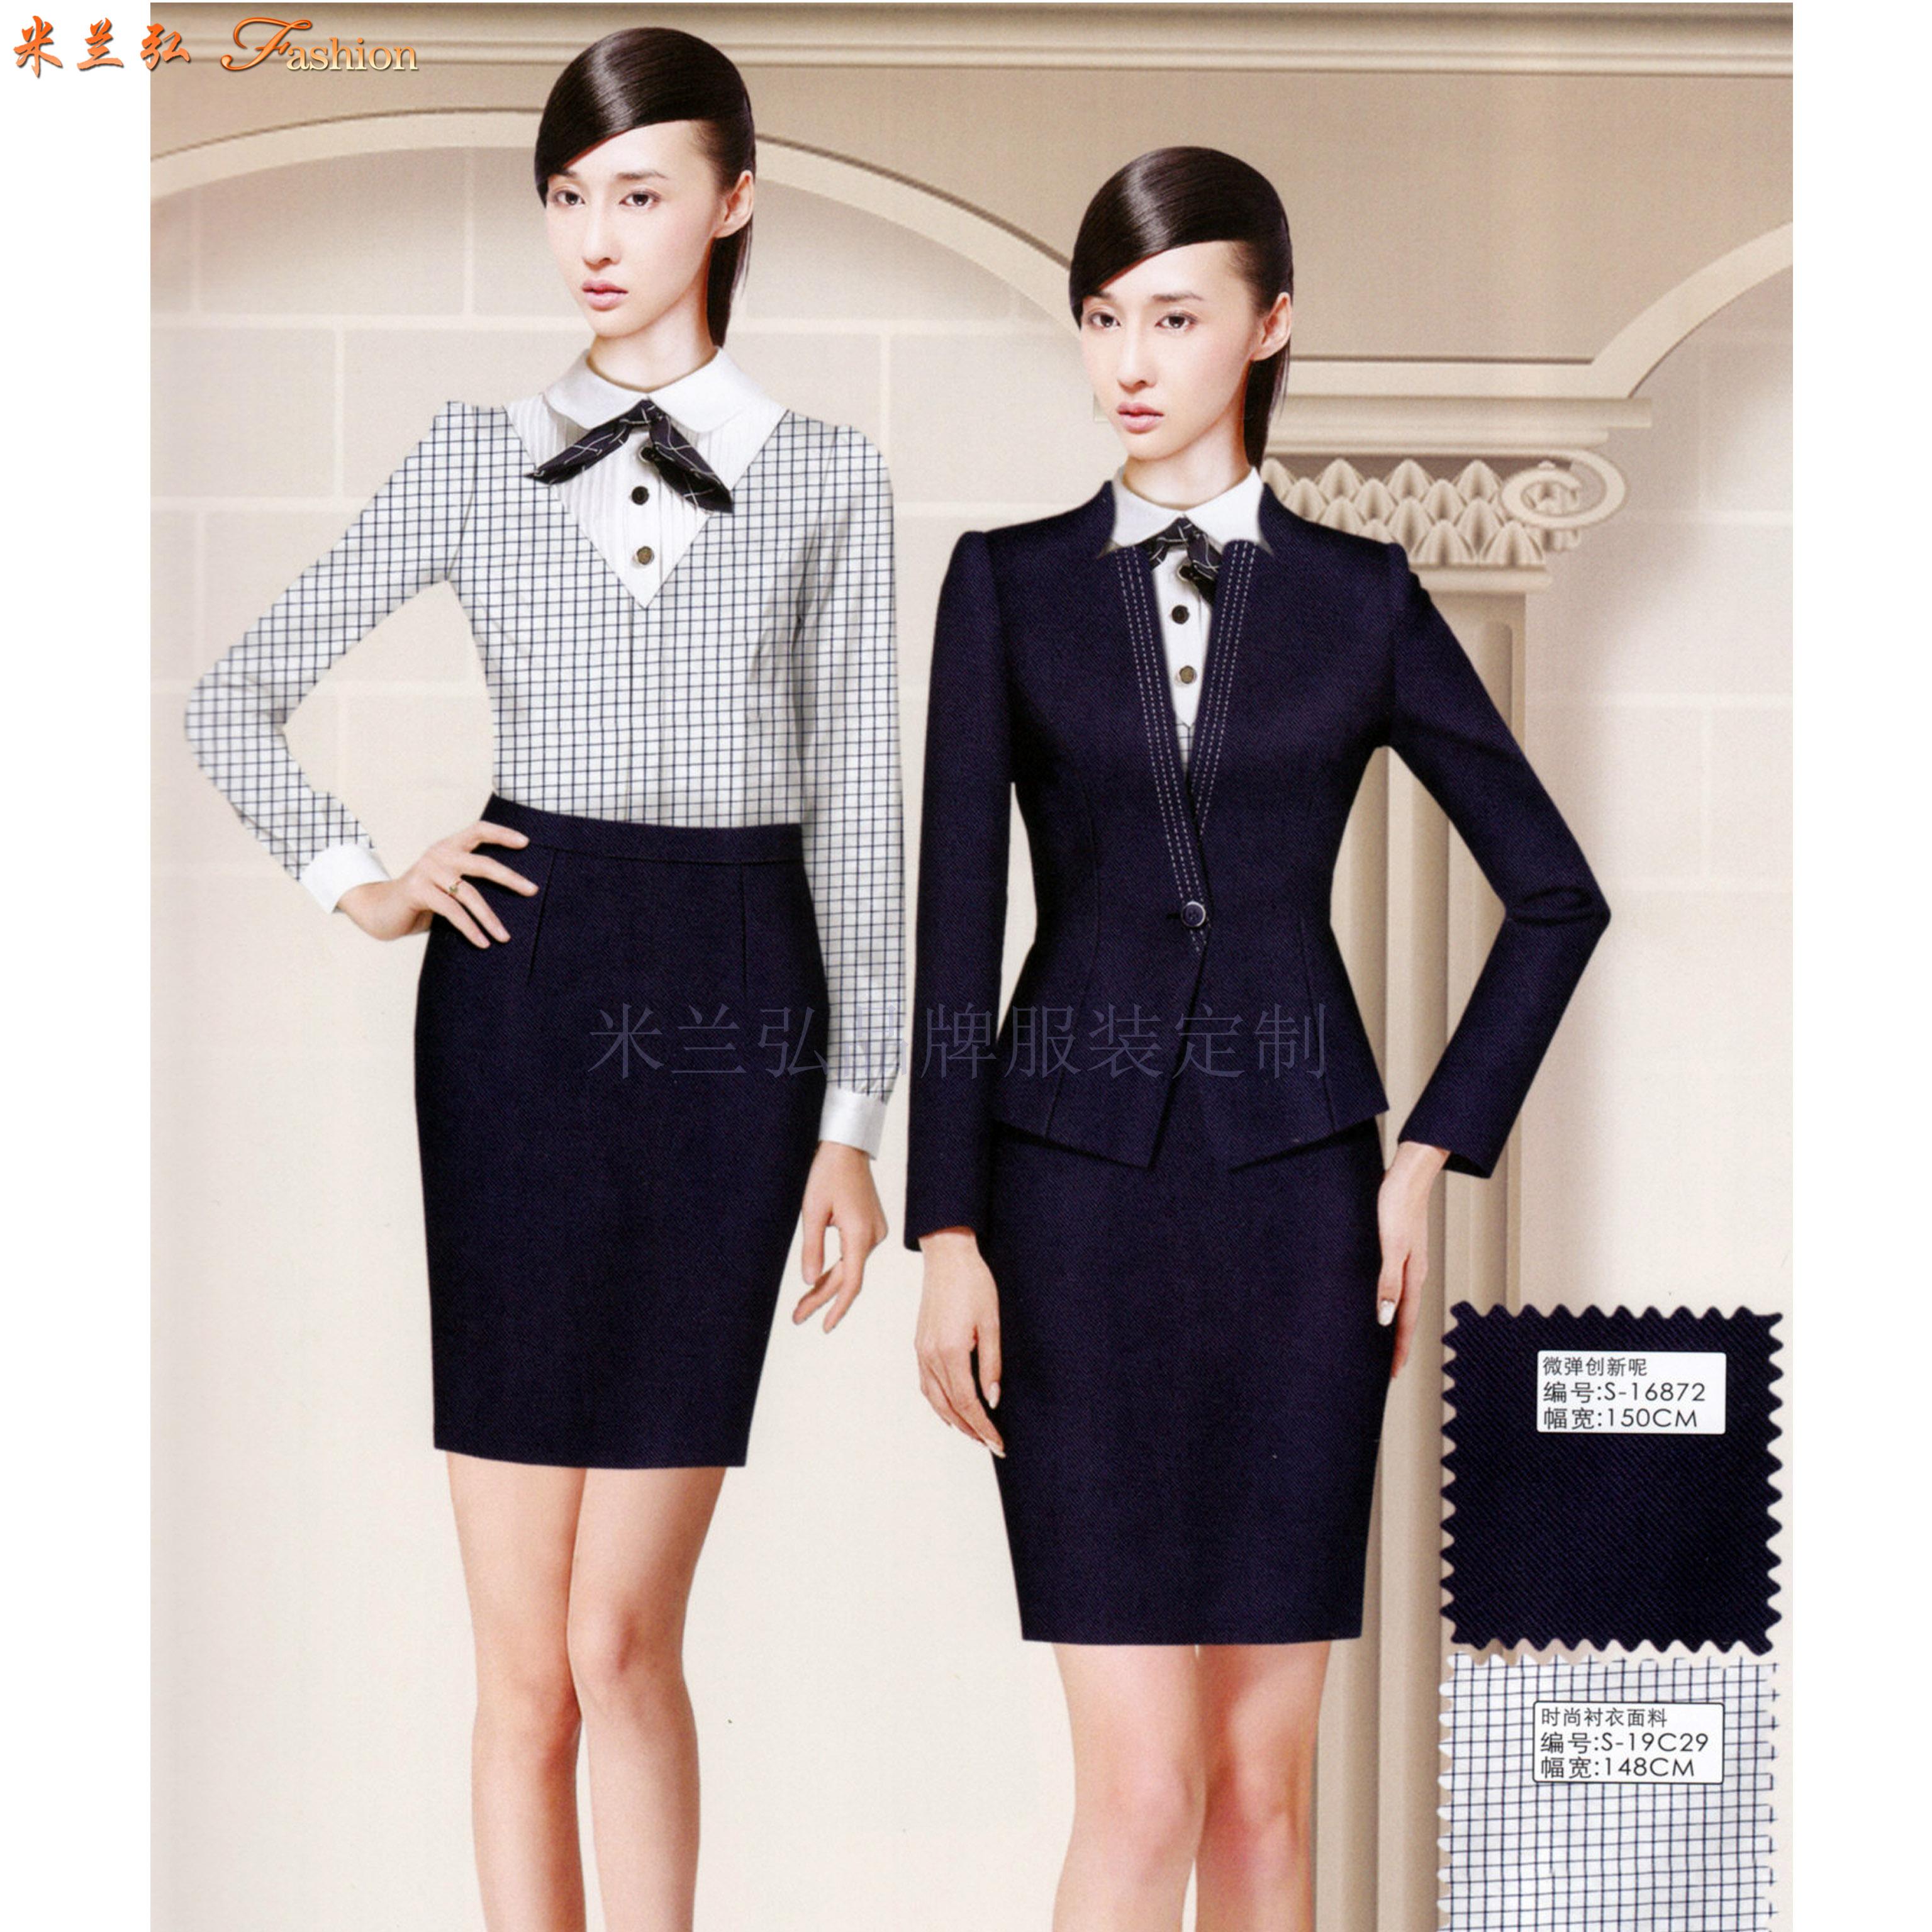 江西西服定制-品牌羊毛西服訂做價格-米蘭弘服裝-5